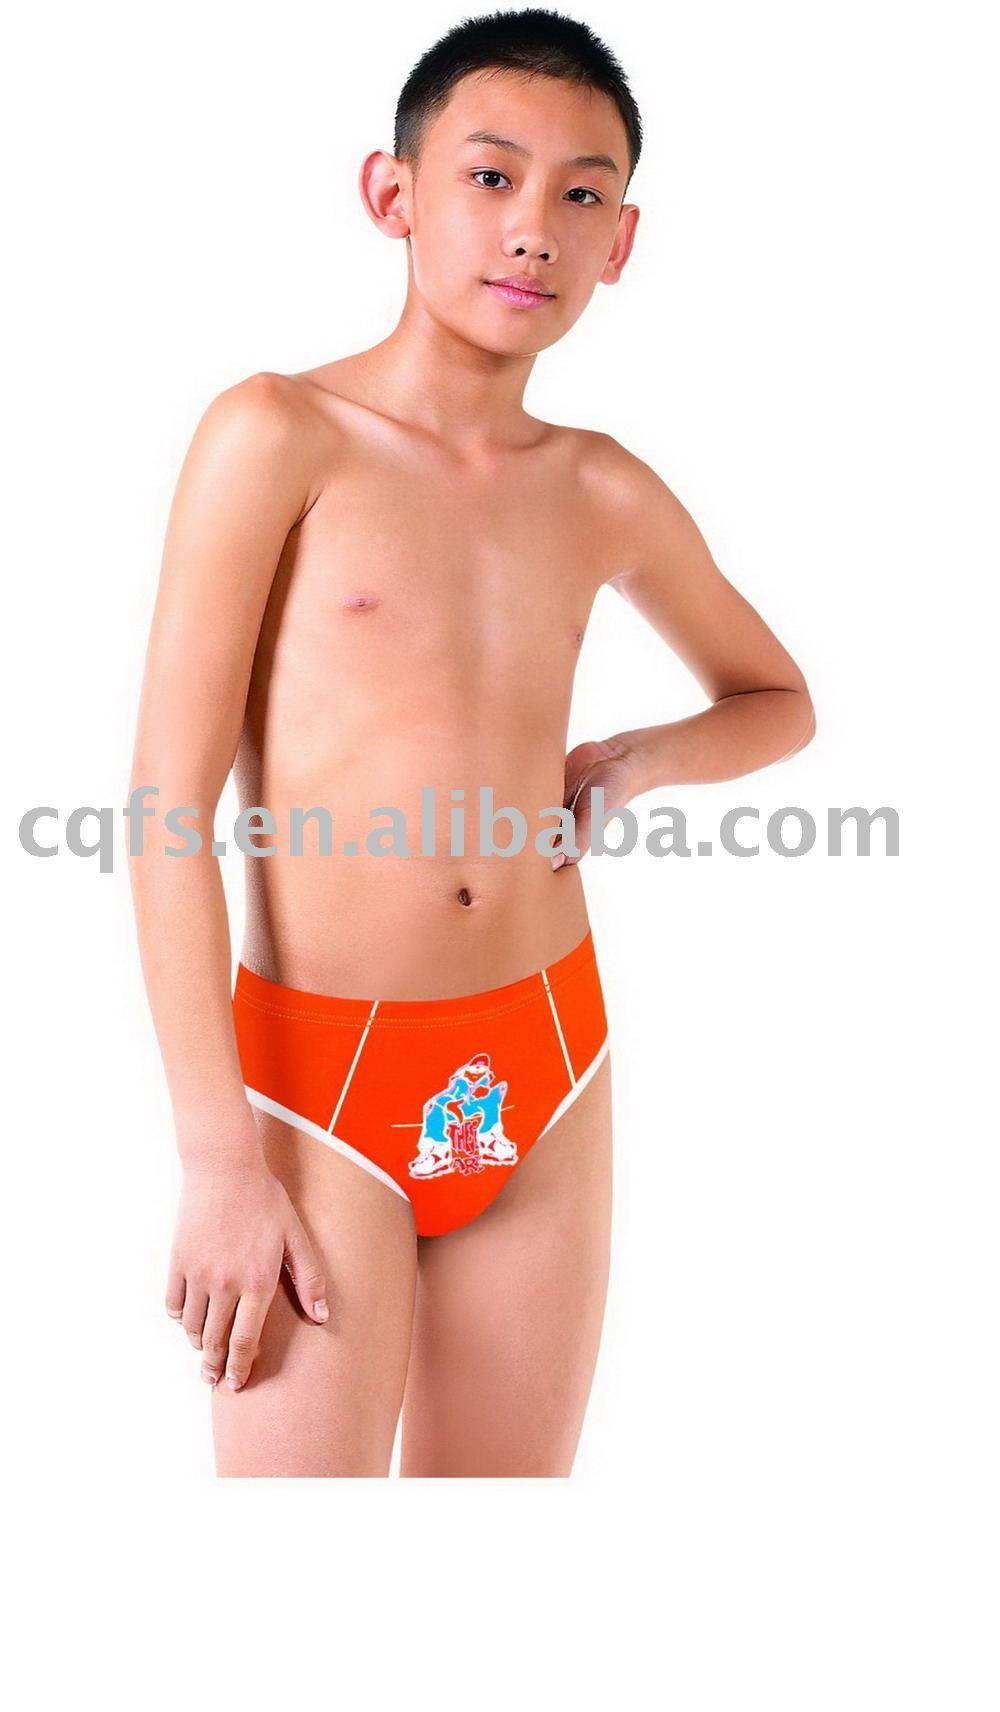 Boys underwear Underwear Pinterest Boys underwear and ...